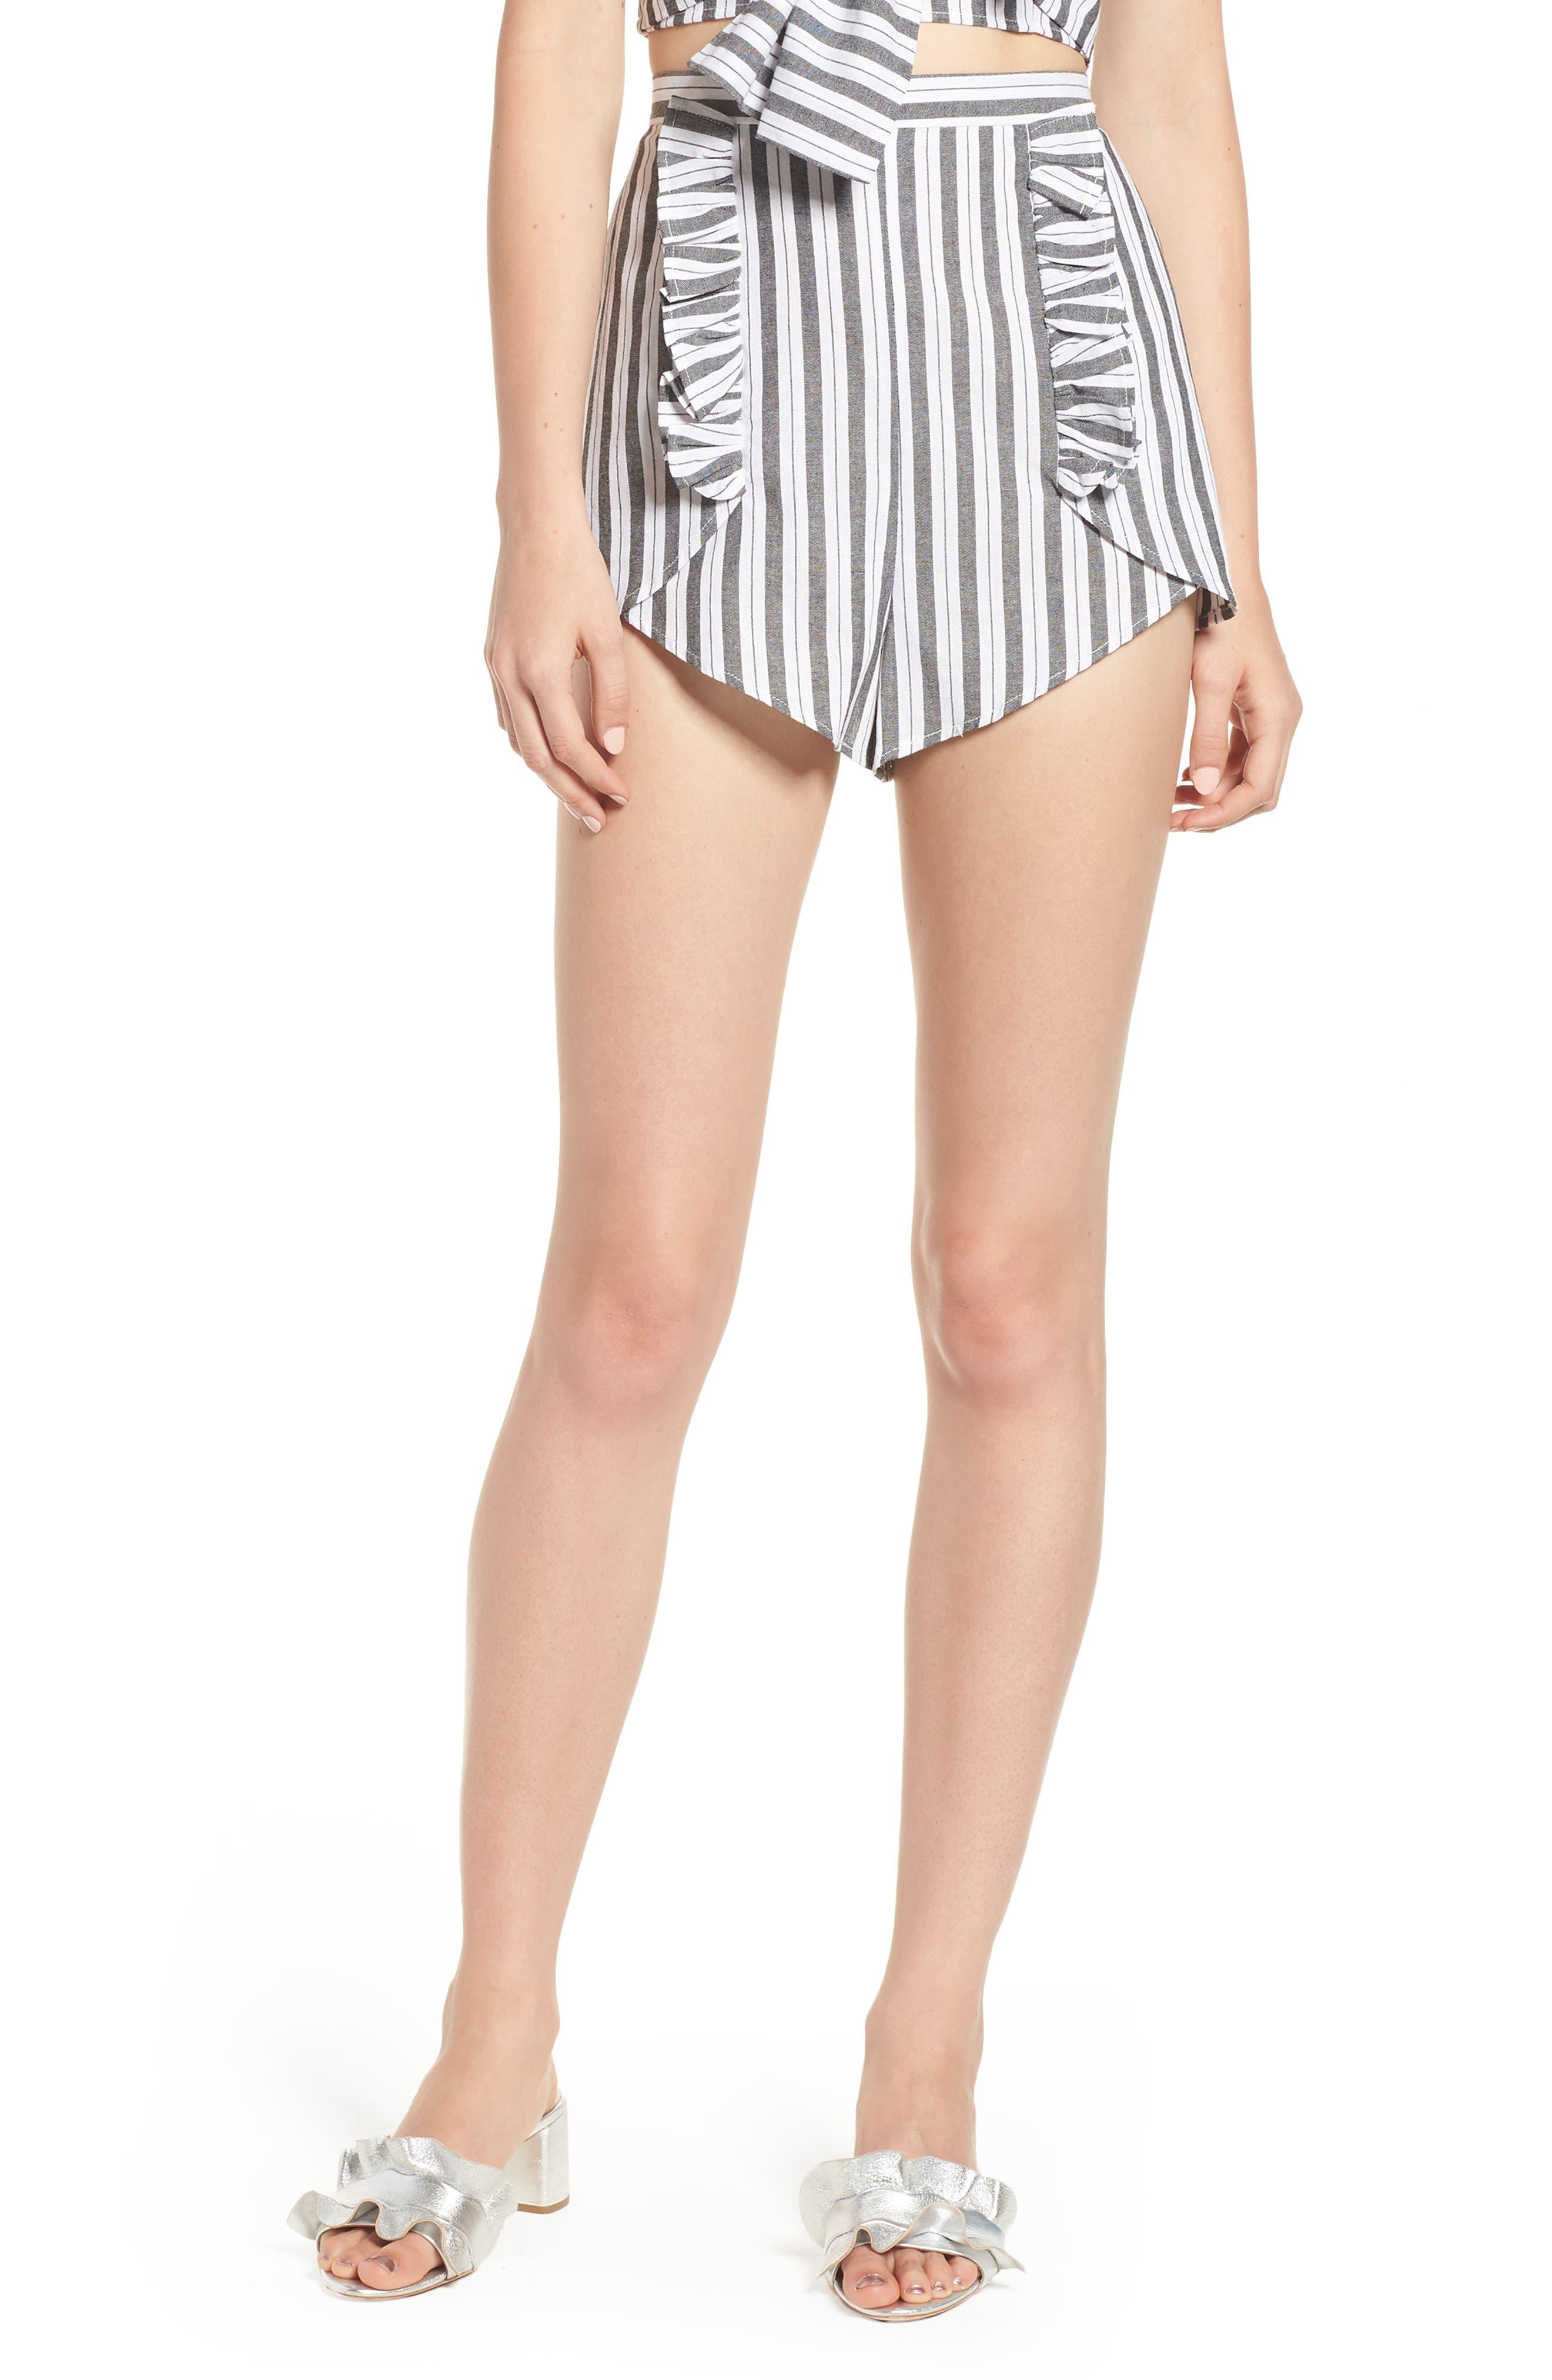 Acacia Stripe High Waist Shorts,                             Main thumbnail 1, color,                             Black W White